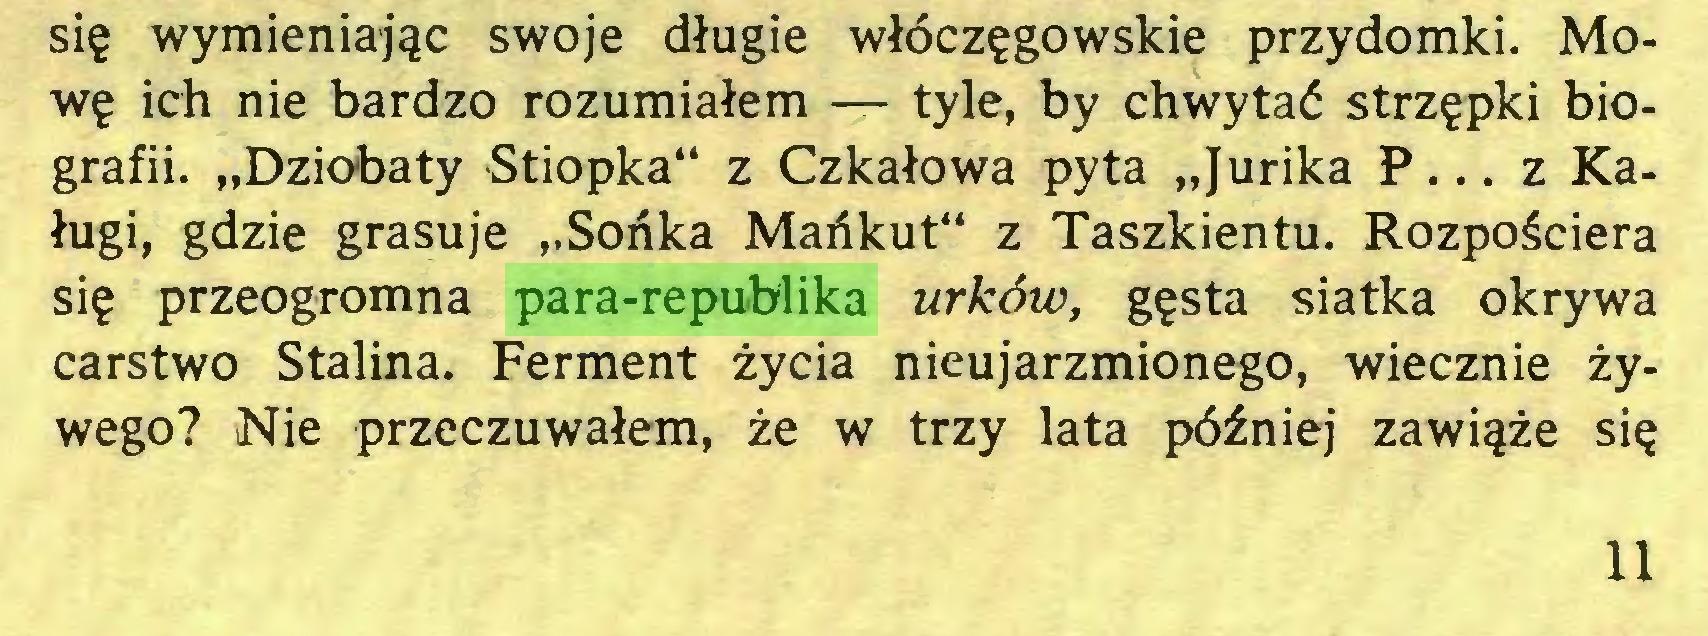 """(...) się wymieniając swoje długie włóczęgowskie przydomki. Mowę ich nie bardzo rozumiałem — tyle, by chwytać strzępki biografii. """"Dziobaty Stiopka"""" z Czkałowa pyta """"Jurika P... z Kaługi, gdzie grasuje """"Sońka Mańkut"""" z Taszkientu. Rozpościera się przeogromna para-republika urków, gęsta siatka okrywa carstwo Stalina. Ferment życia nieujarzmionego, wiecznie żywego? Nie przeczuwałem, że w trzy lata później zawiąże się 11..."""